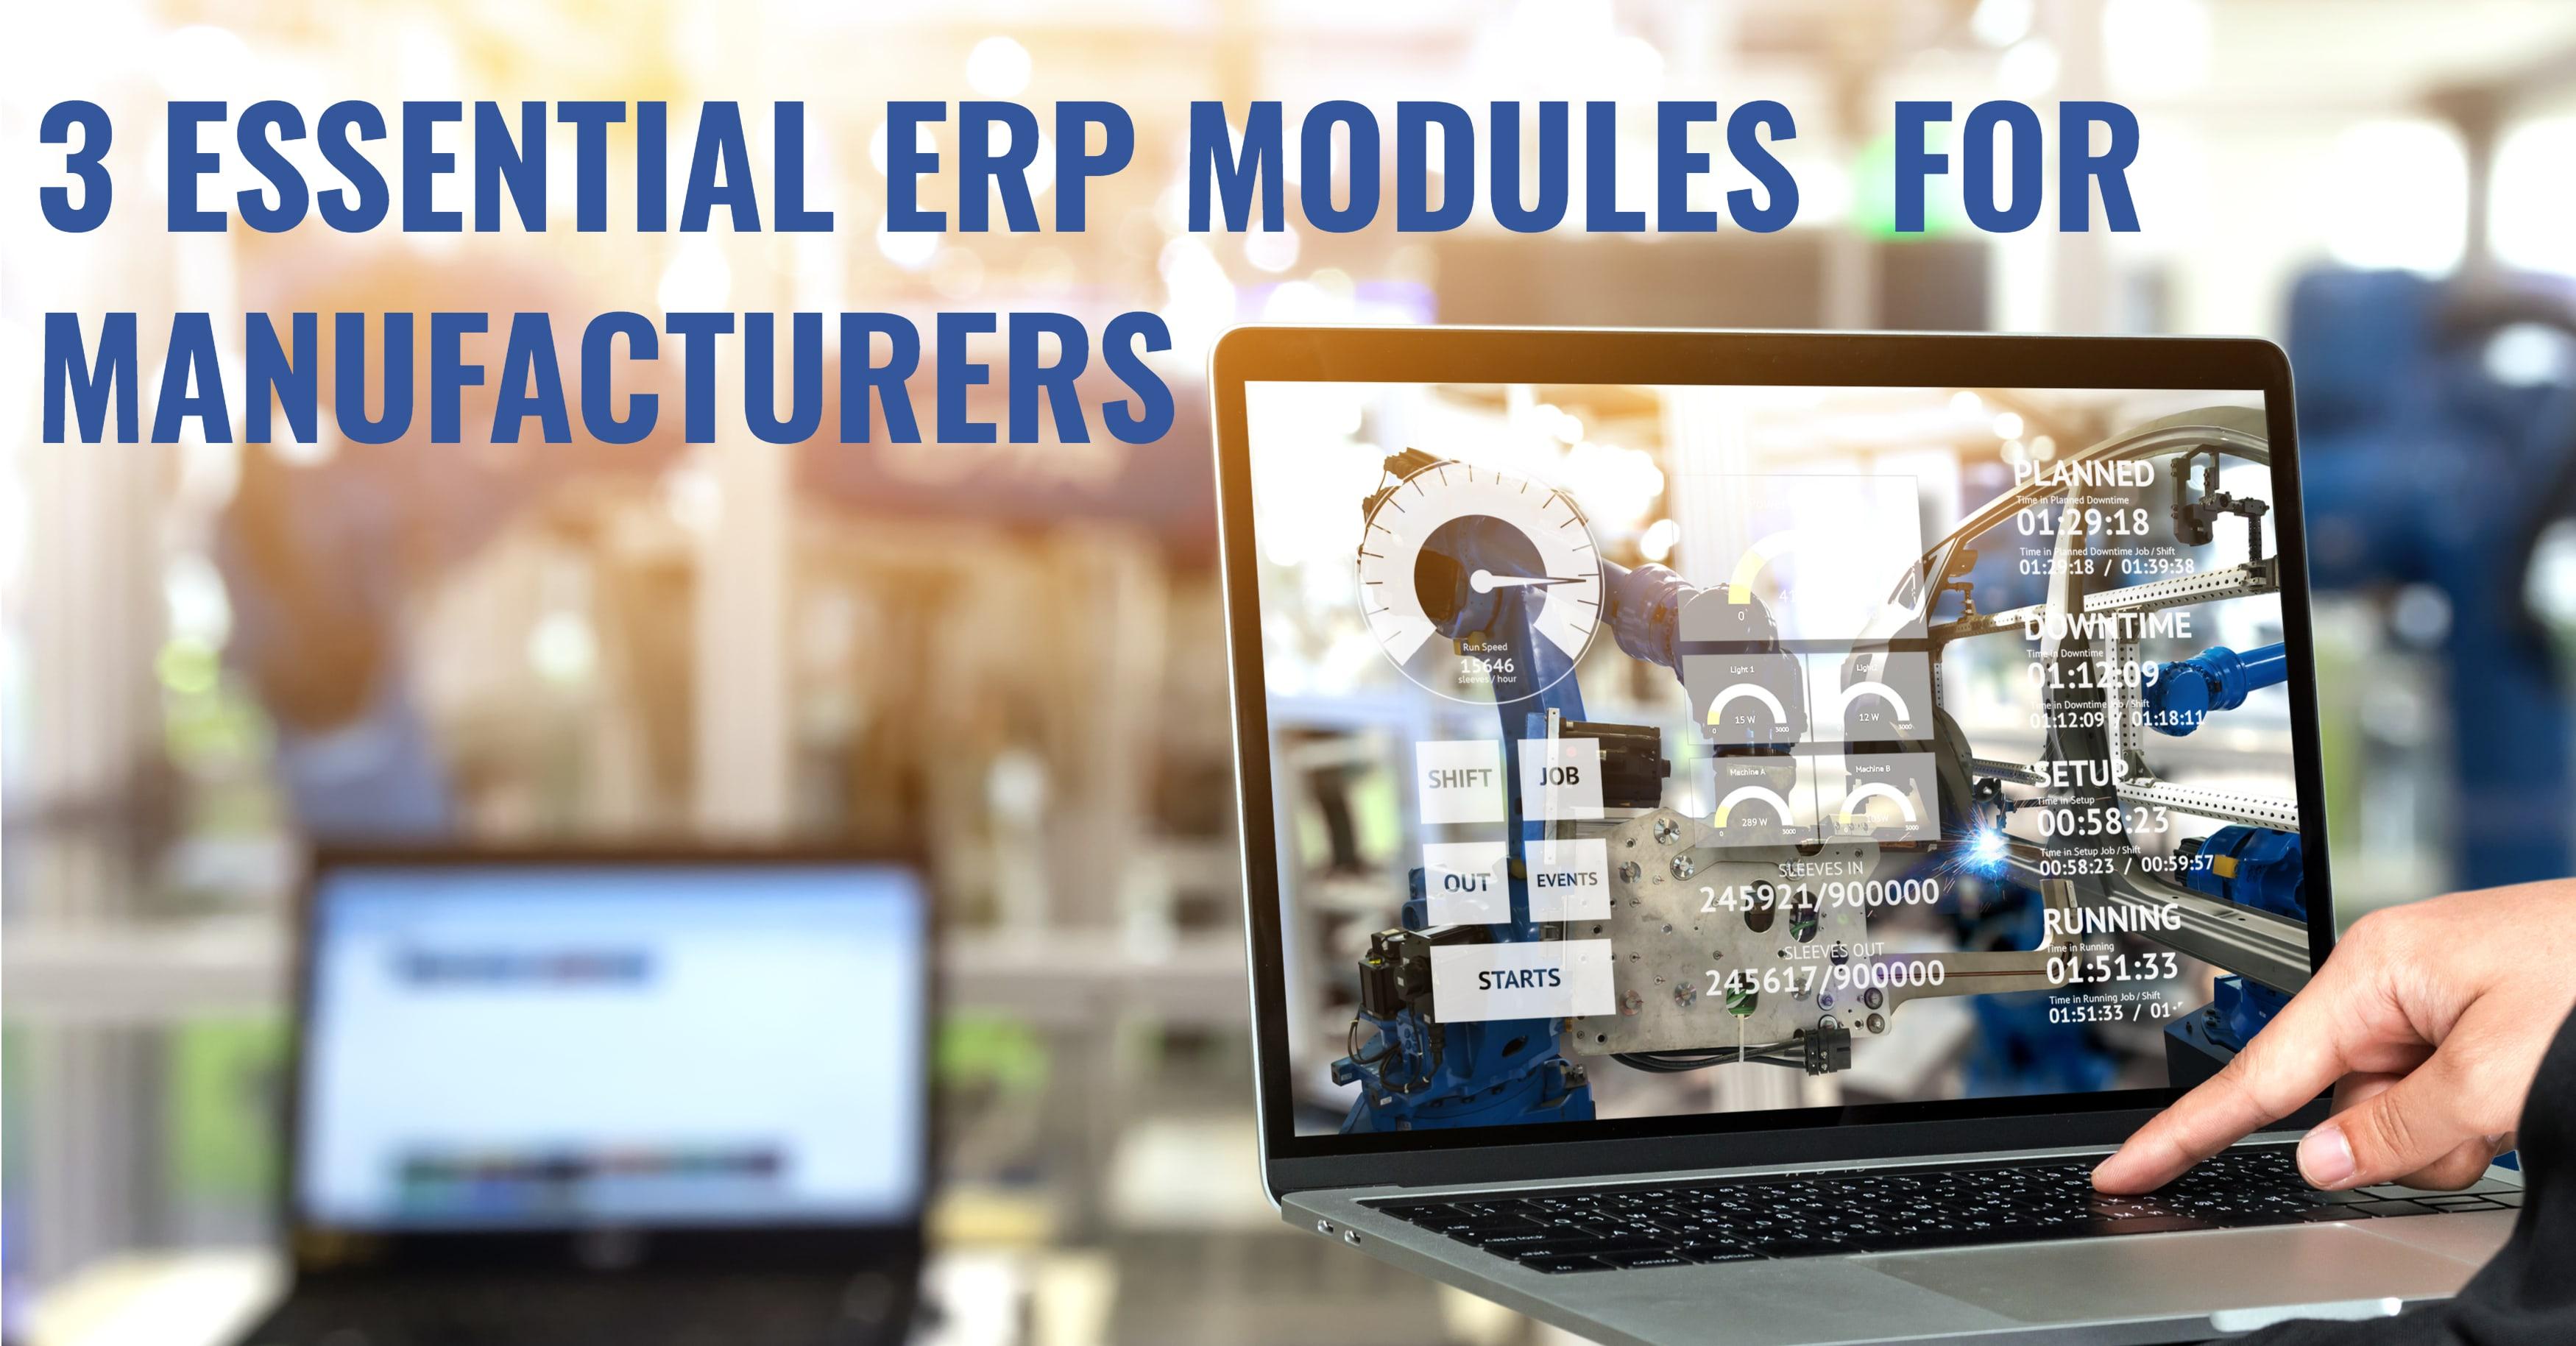 ERP Manufacturing Modules